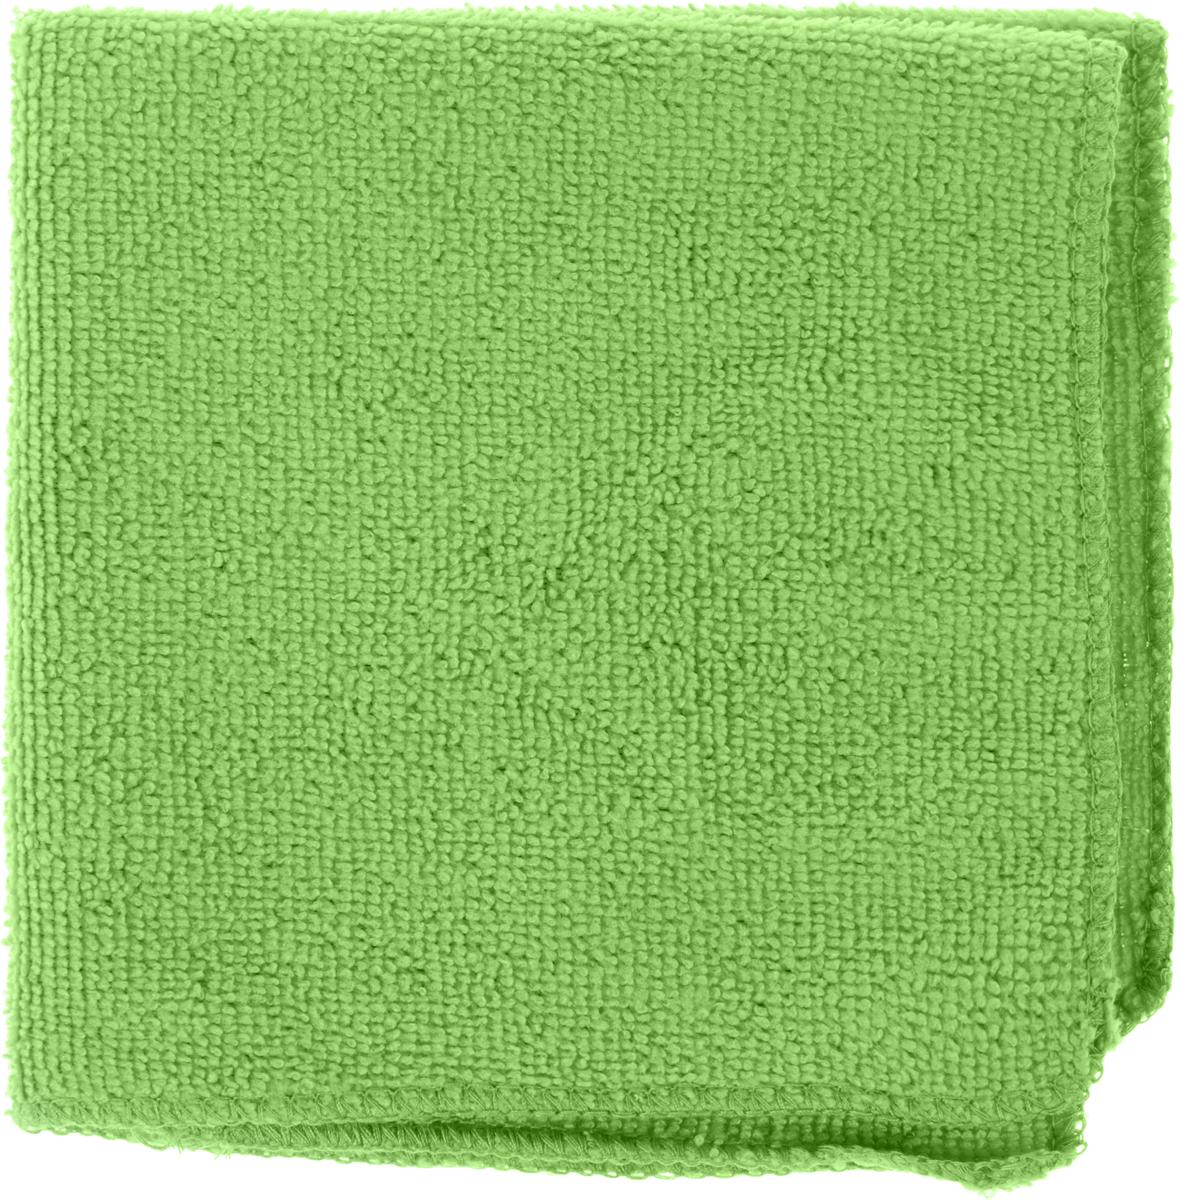 Салфетка универсальная Коллекция, цвет: зеленый, 30 х 30 см. Х5СМФ5677Салфетка универсальная Коллекция эффективно очищает, не царапает поверхность, не оставляет разводов и ворсинок. Идеально подходит сухим и влажным способом. Впитывает воду, жир и пыль. Салфетка легко стирается и быстро сохнет. Размер салфетки: 30 х 30 см.